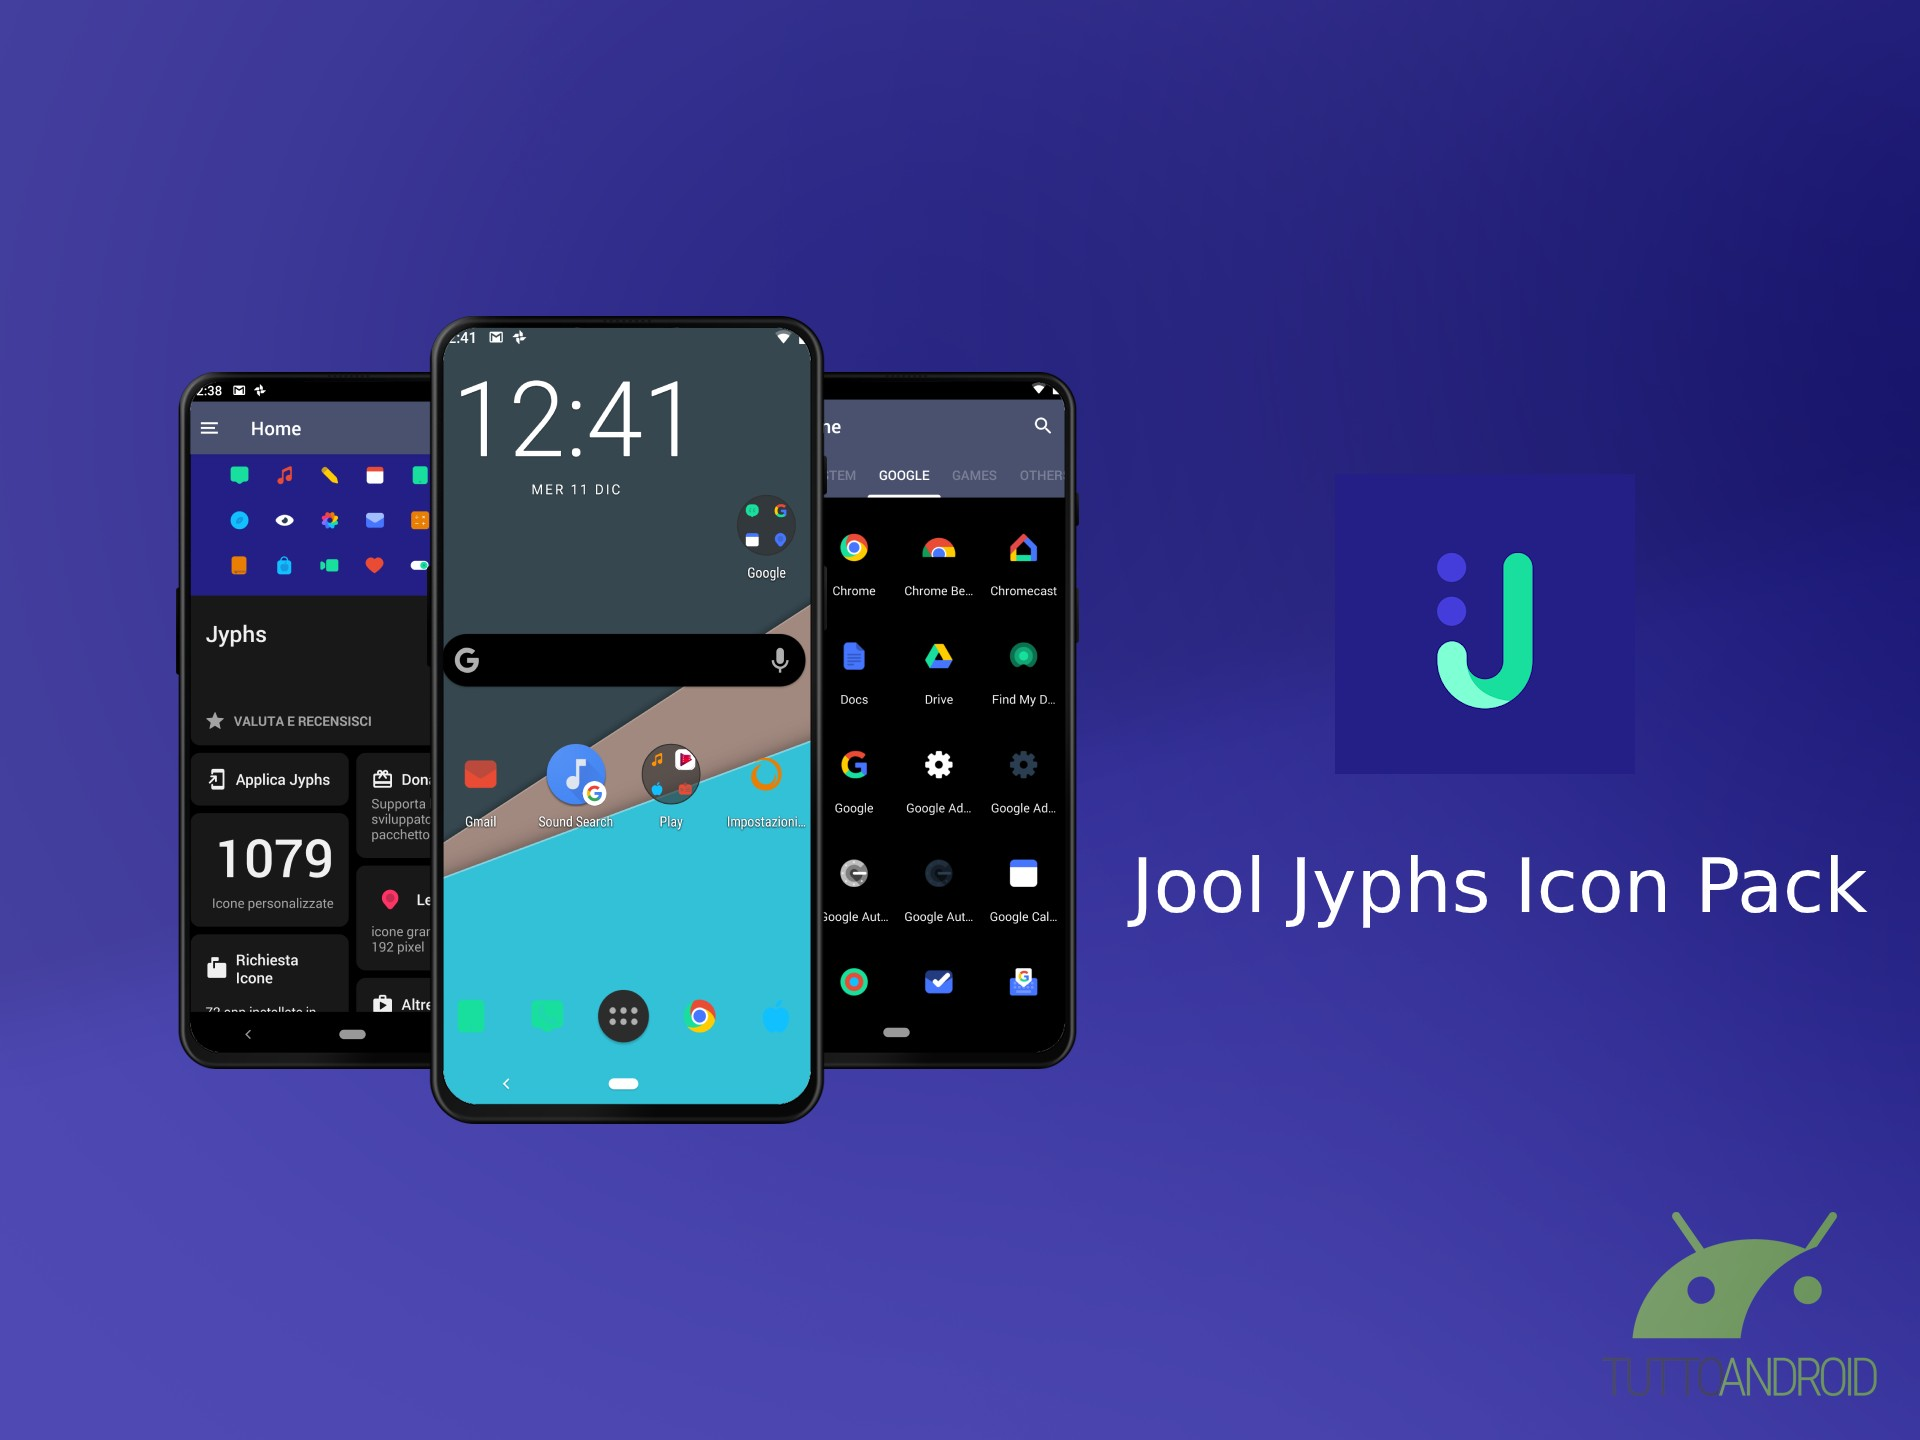 Jool Jyphs Icon Pack mette a disposizione un migliaio di ico